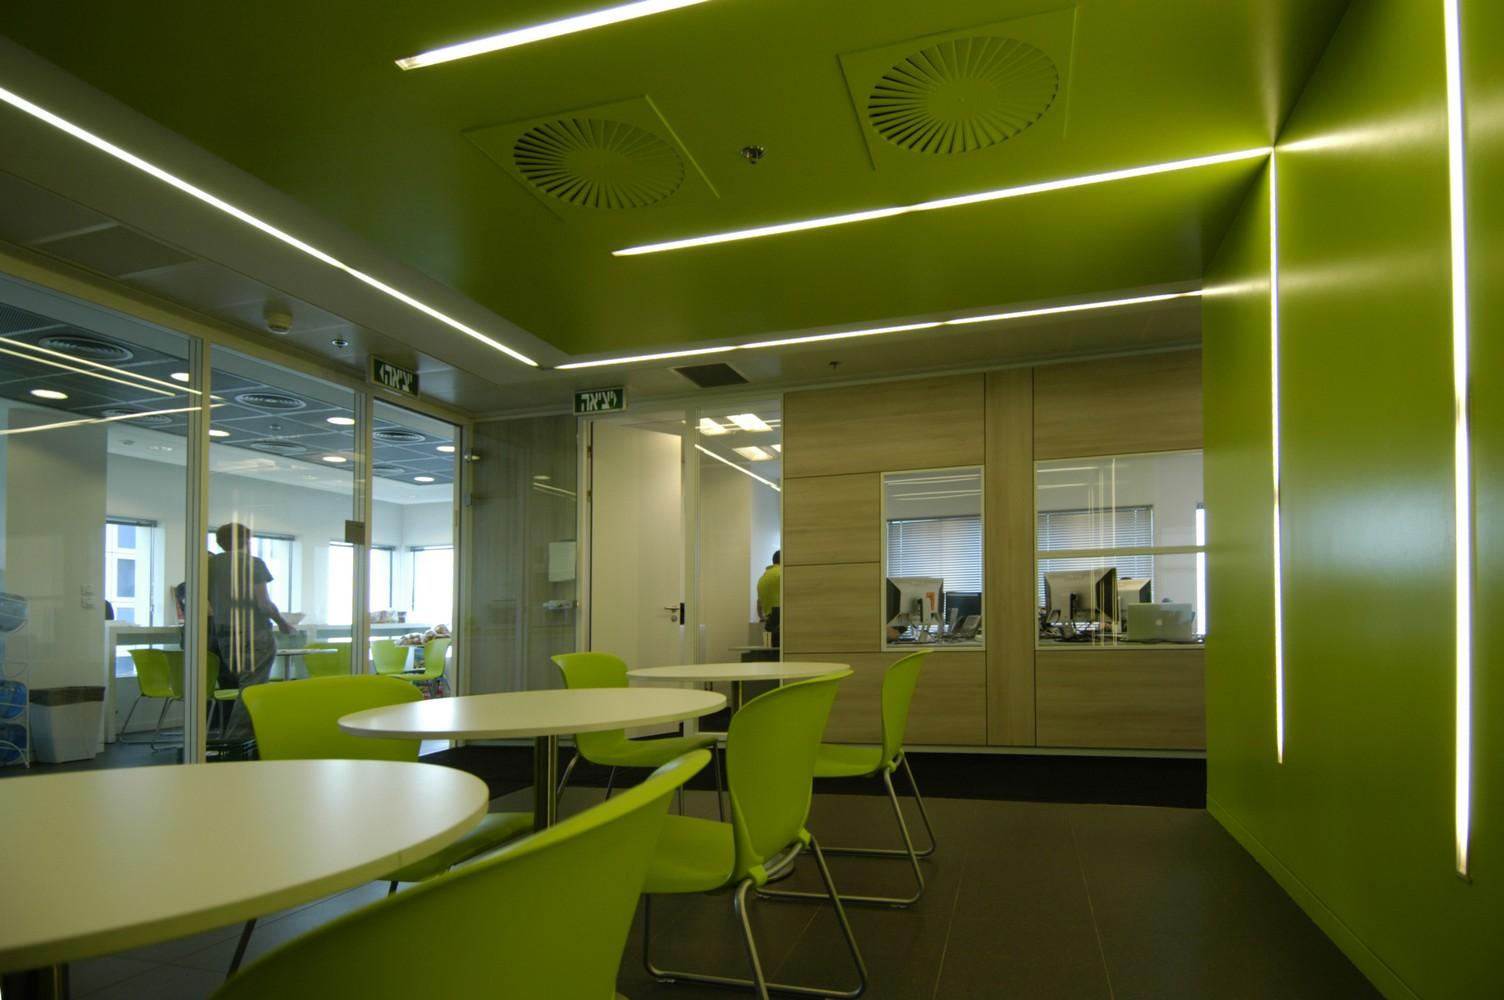 DSC_0096-xiv-cafeteria